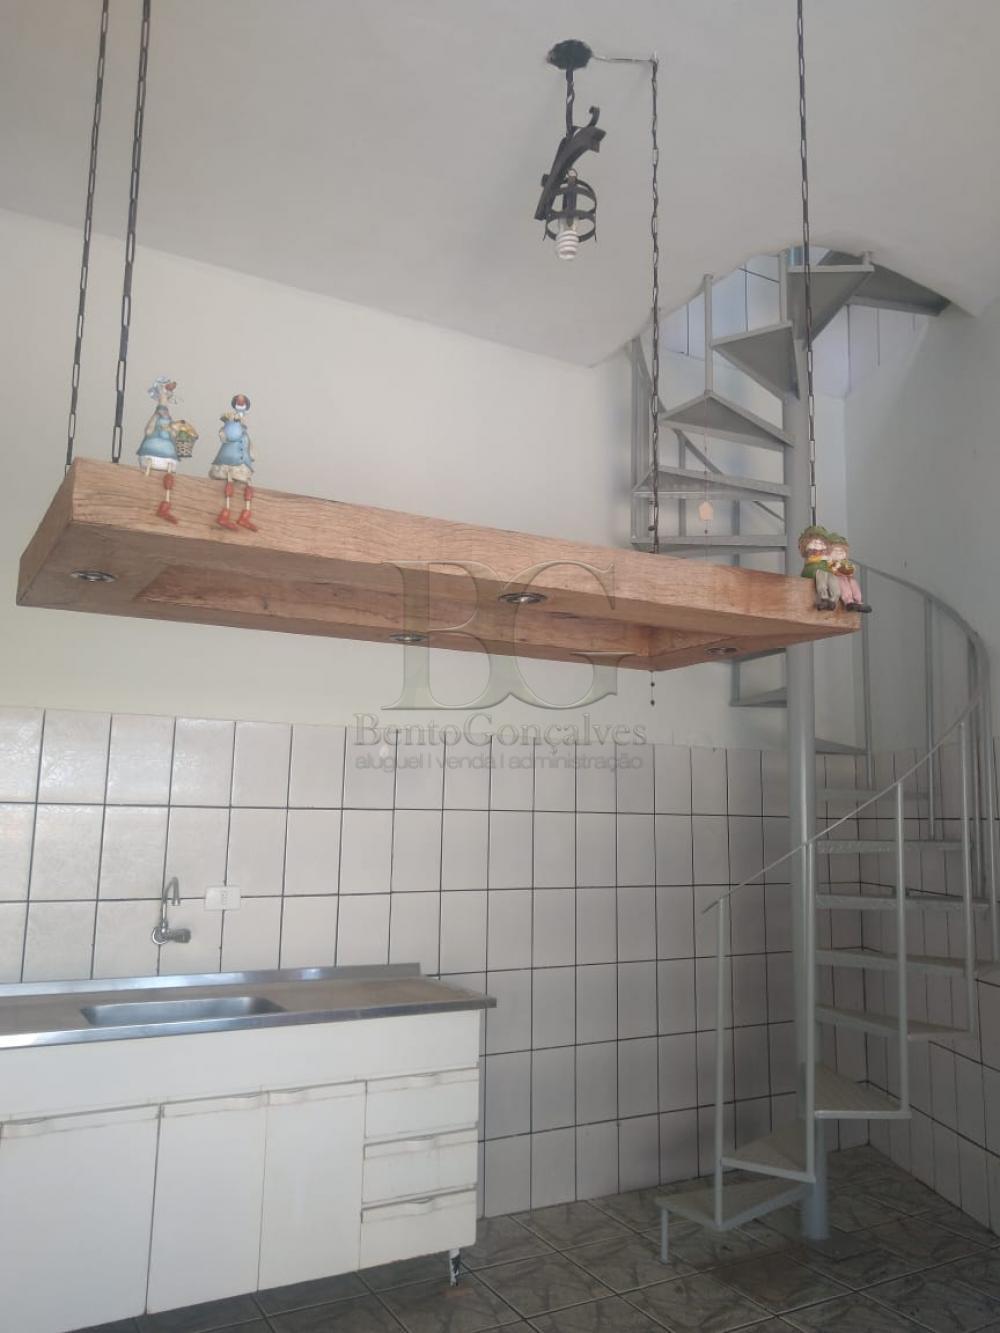 Comprar Casas / Padrão em Poços de Caldas apenas R$ 800.000,00 - Foto 21